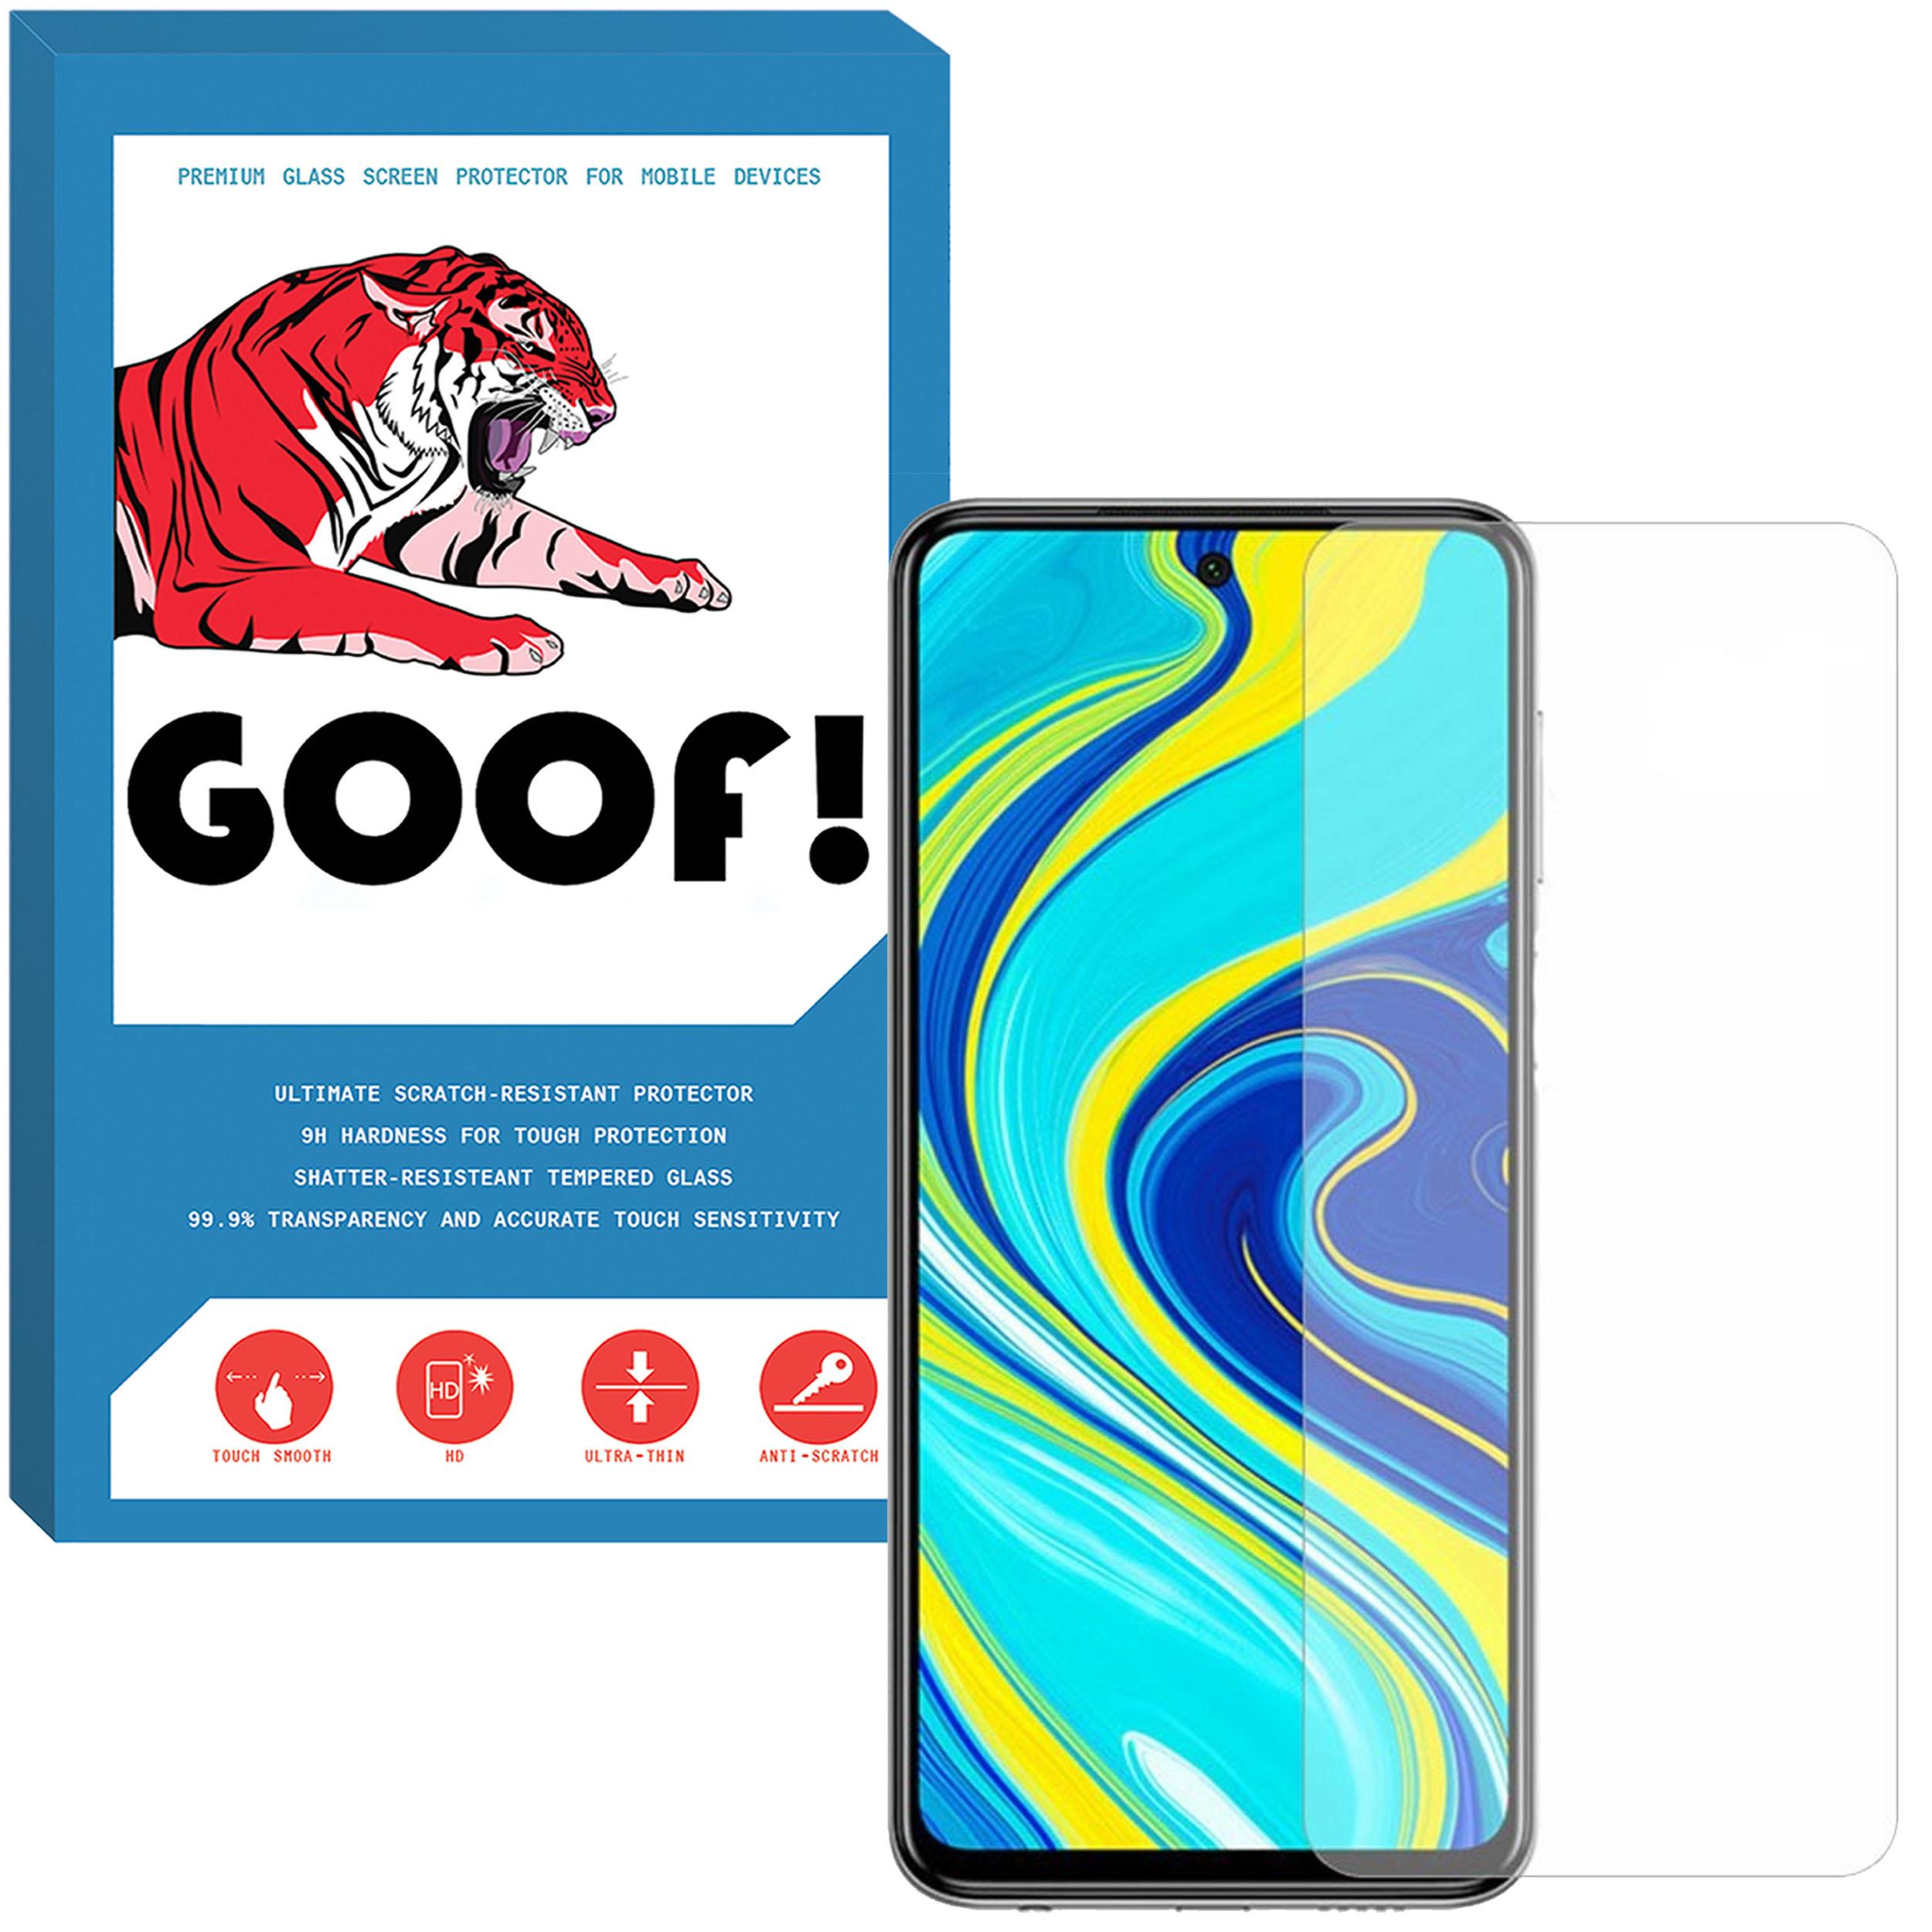 محافظ صفحه نمایش گوف مدل SDG-002 مناسب برای گوشی موبایل شیائومی Redmi Note 9S